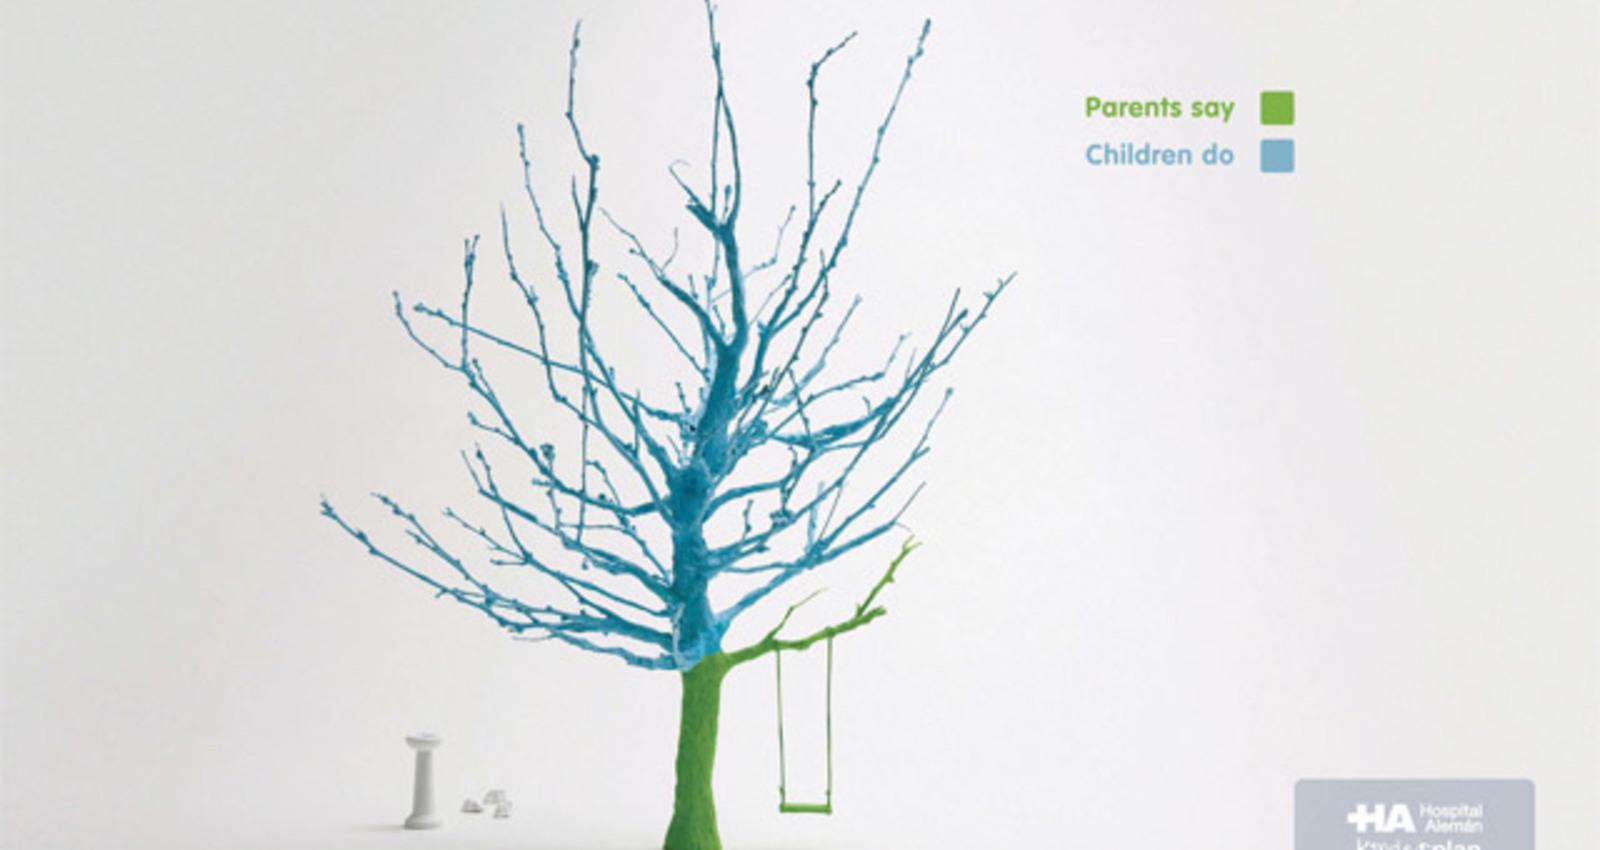 Children Do